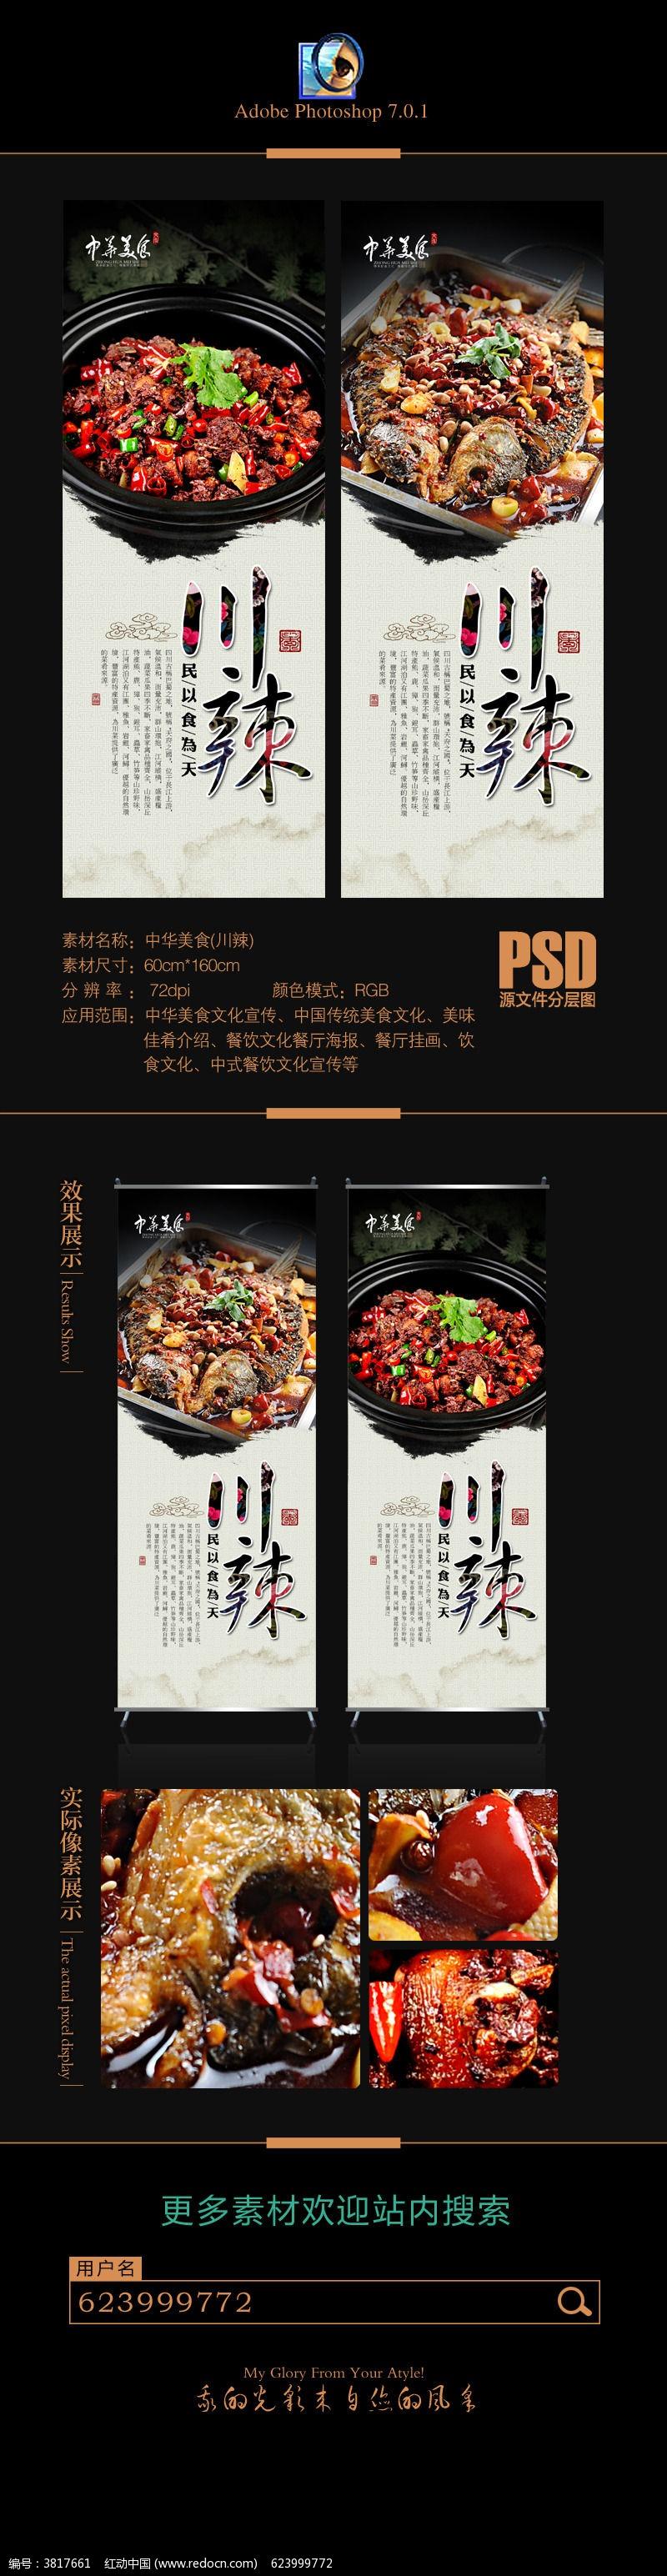 中华美食川辣美食文化X展架设计图片